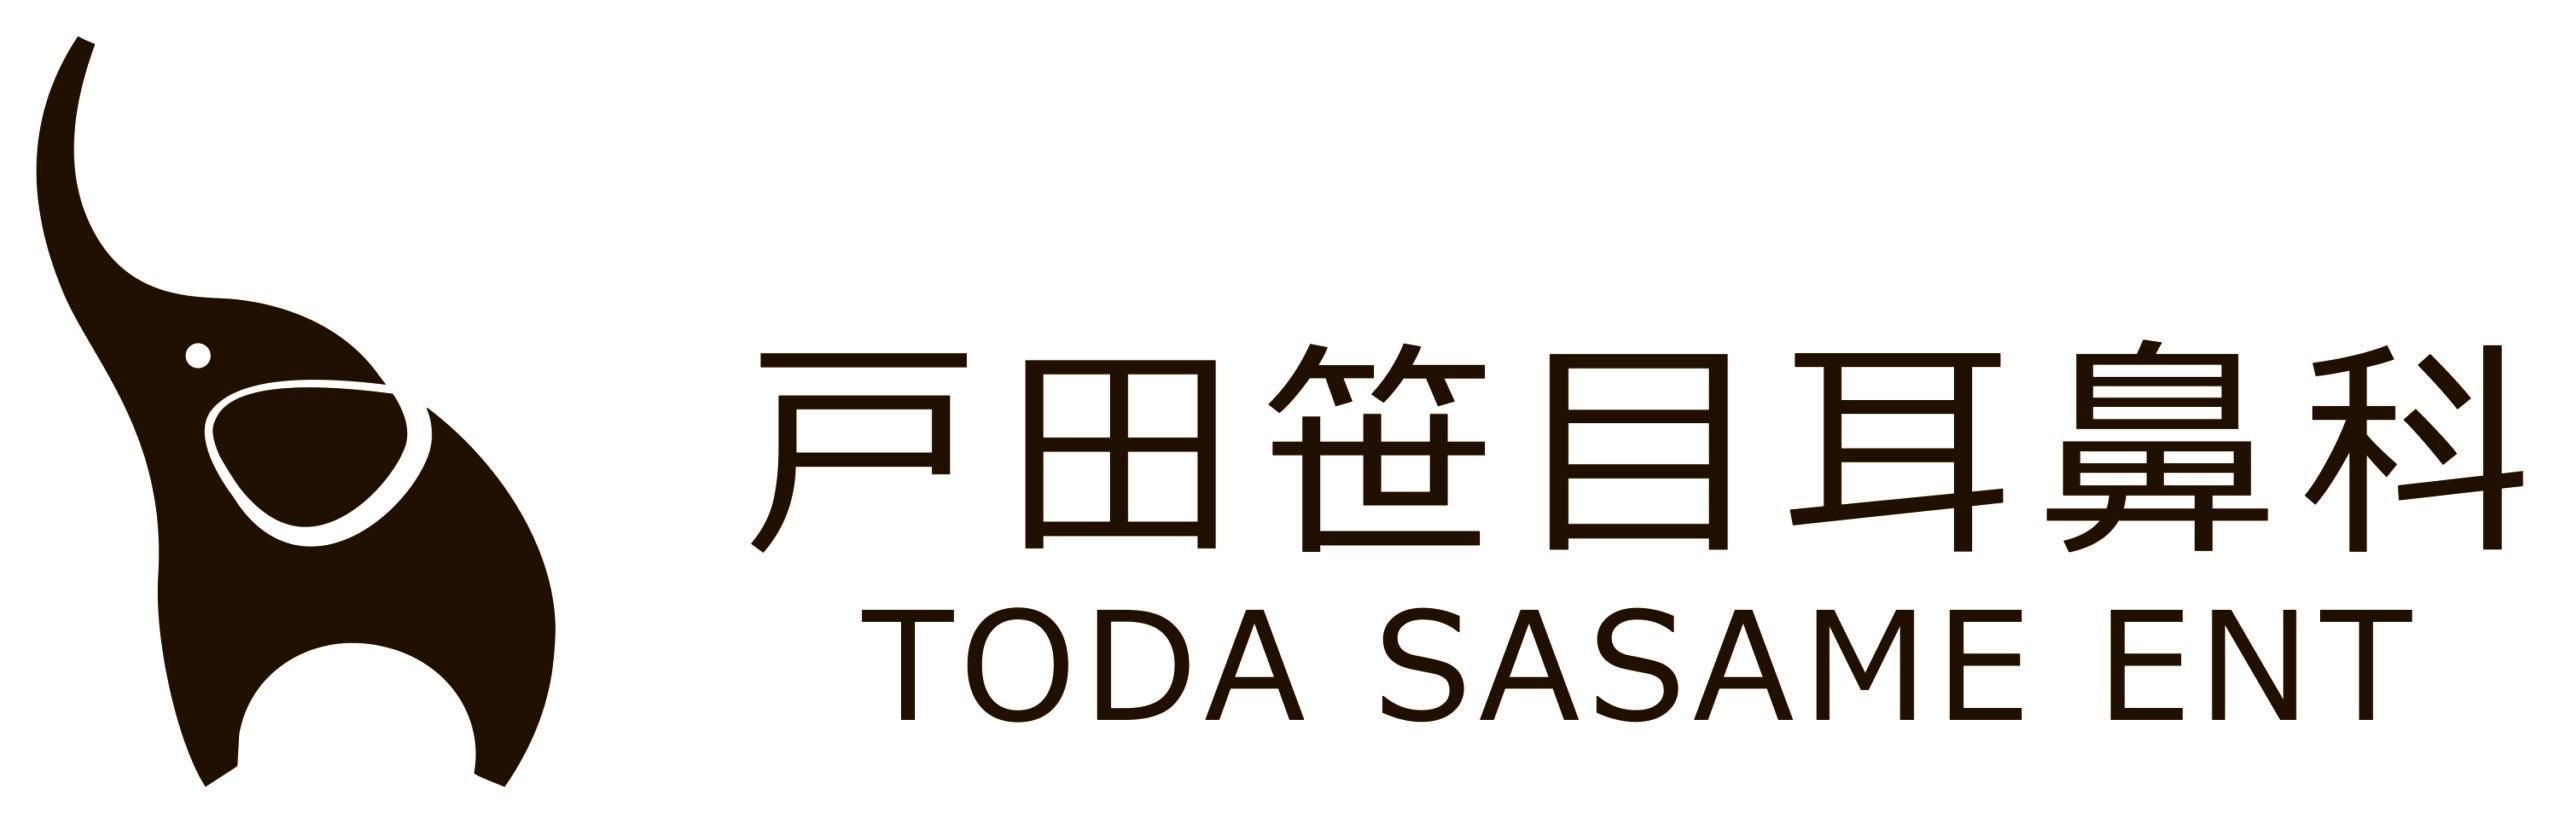 戸田笹目耳鼻科